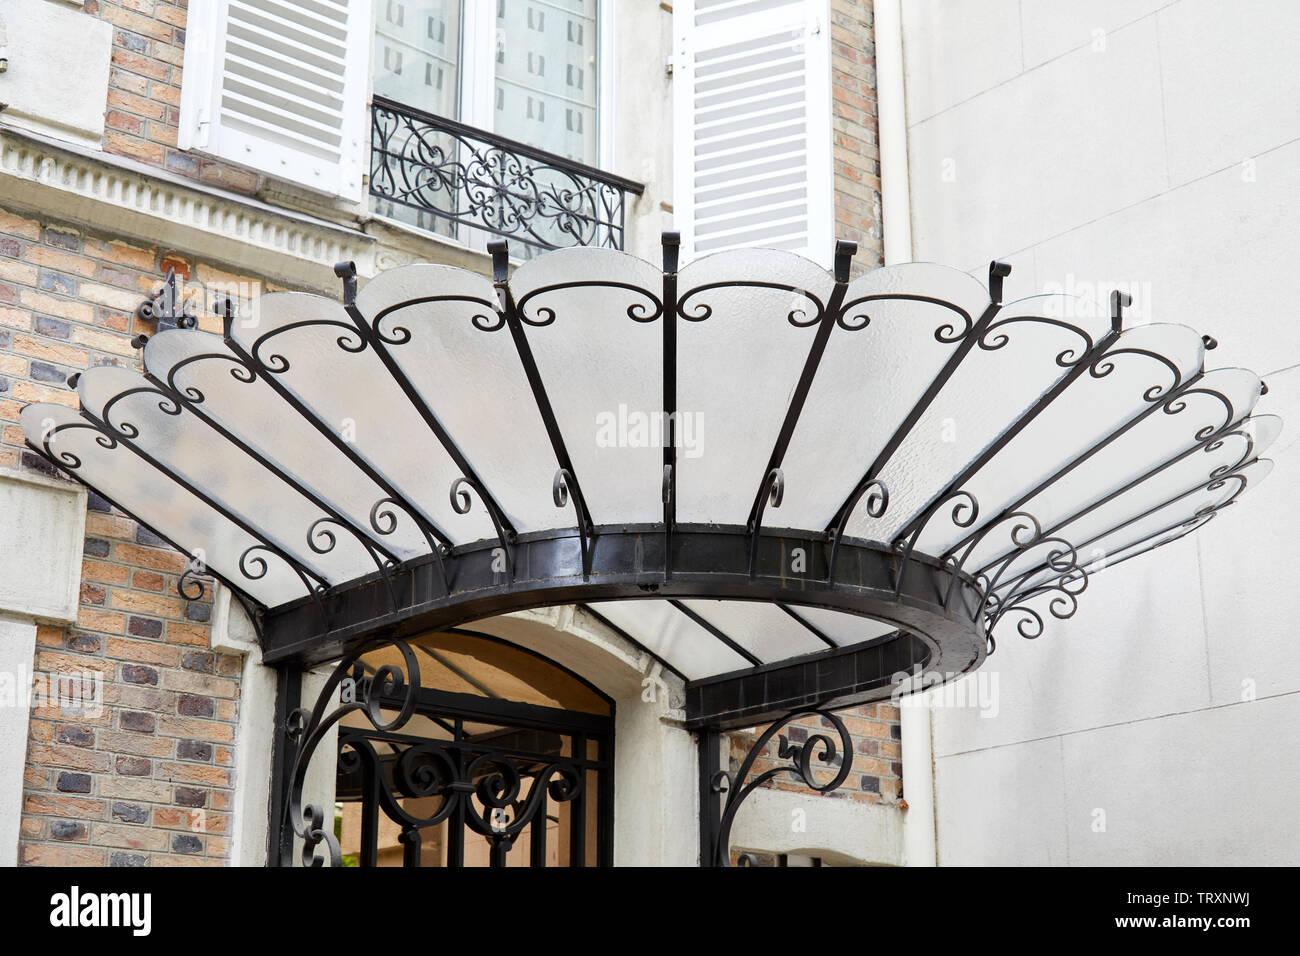 PARIS, FRANCE - 23 juillet 2017: Art Nouveau canopy en verre et fer forgé noir à Paris, France Banque D'Images